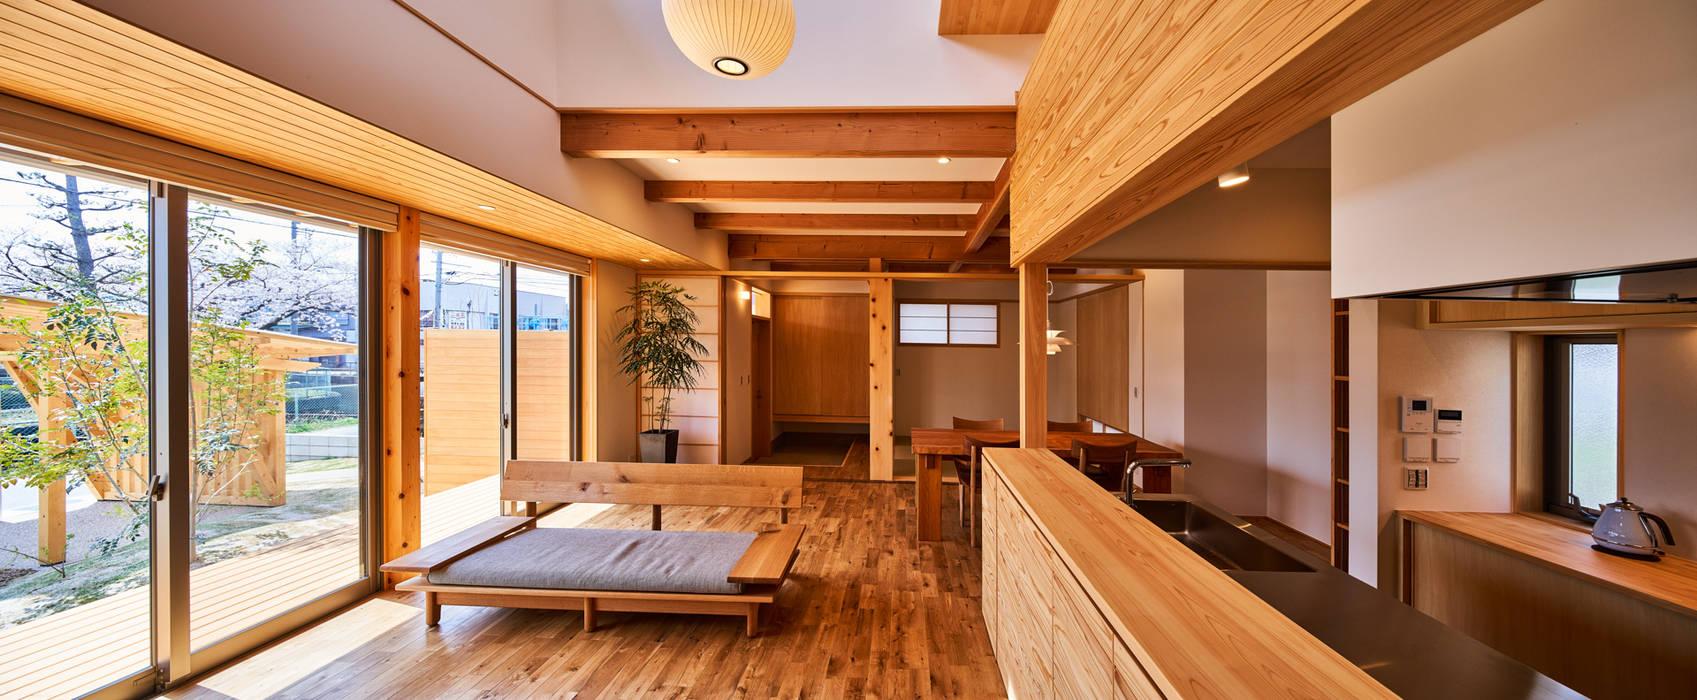 神守の家: 梶浦博昭環境建築設計事務所が手掛けたリビングです。